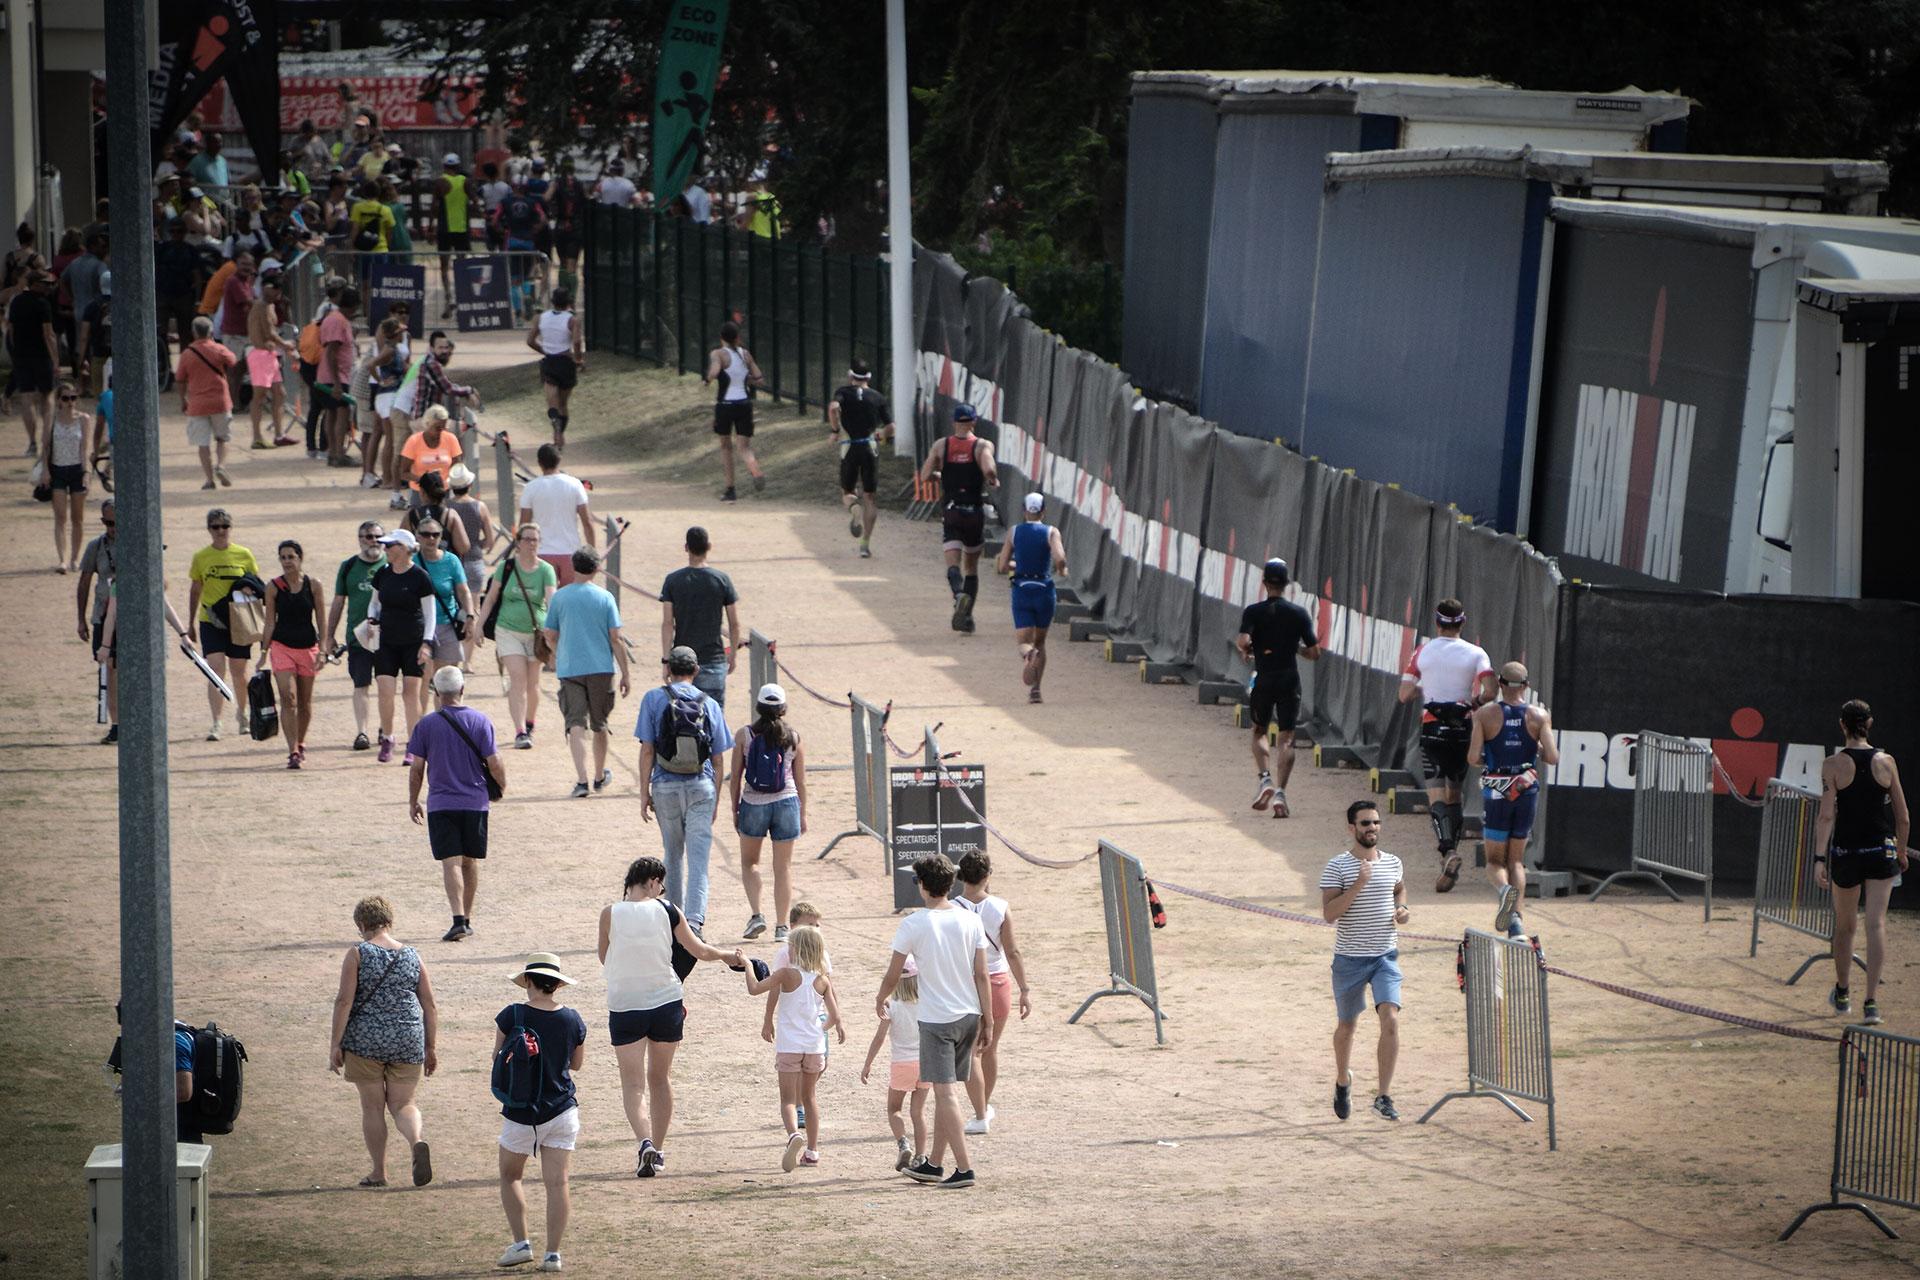 IRONMAN VICHY 2017 Der Dixie Race Report – Eine Wettkampfanalyse / Wo sind hier die Triathleten? Hochbetrieb auf der Laufstrecke vor dem Stadion © Moritz Werner